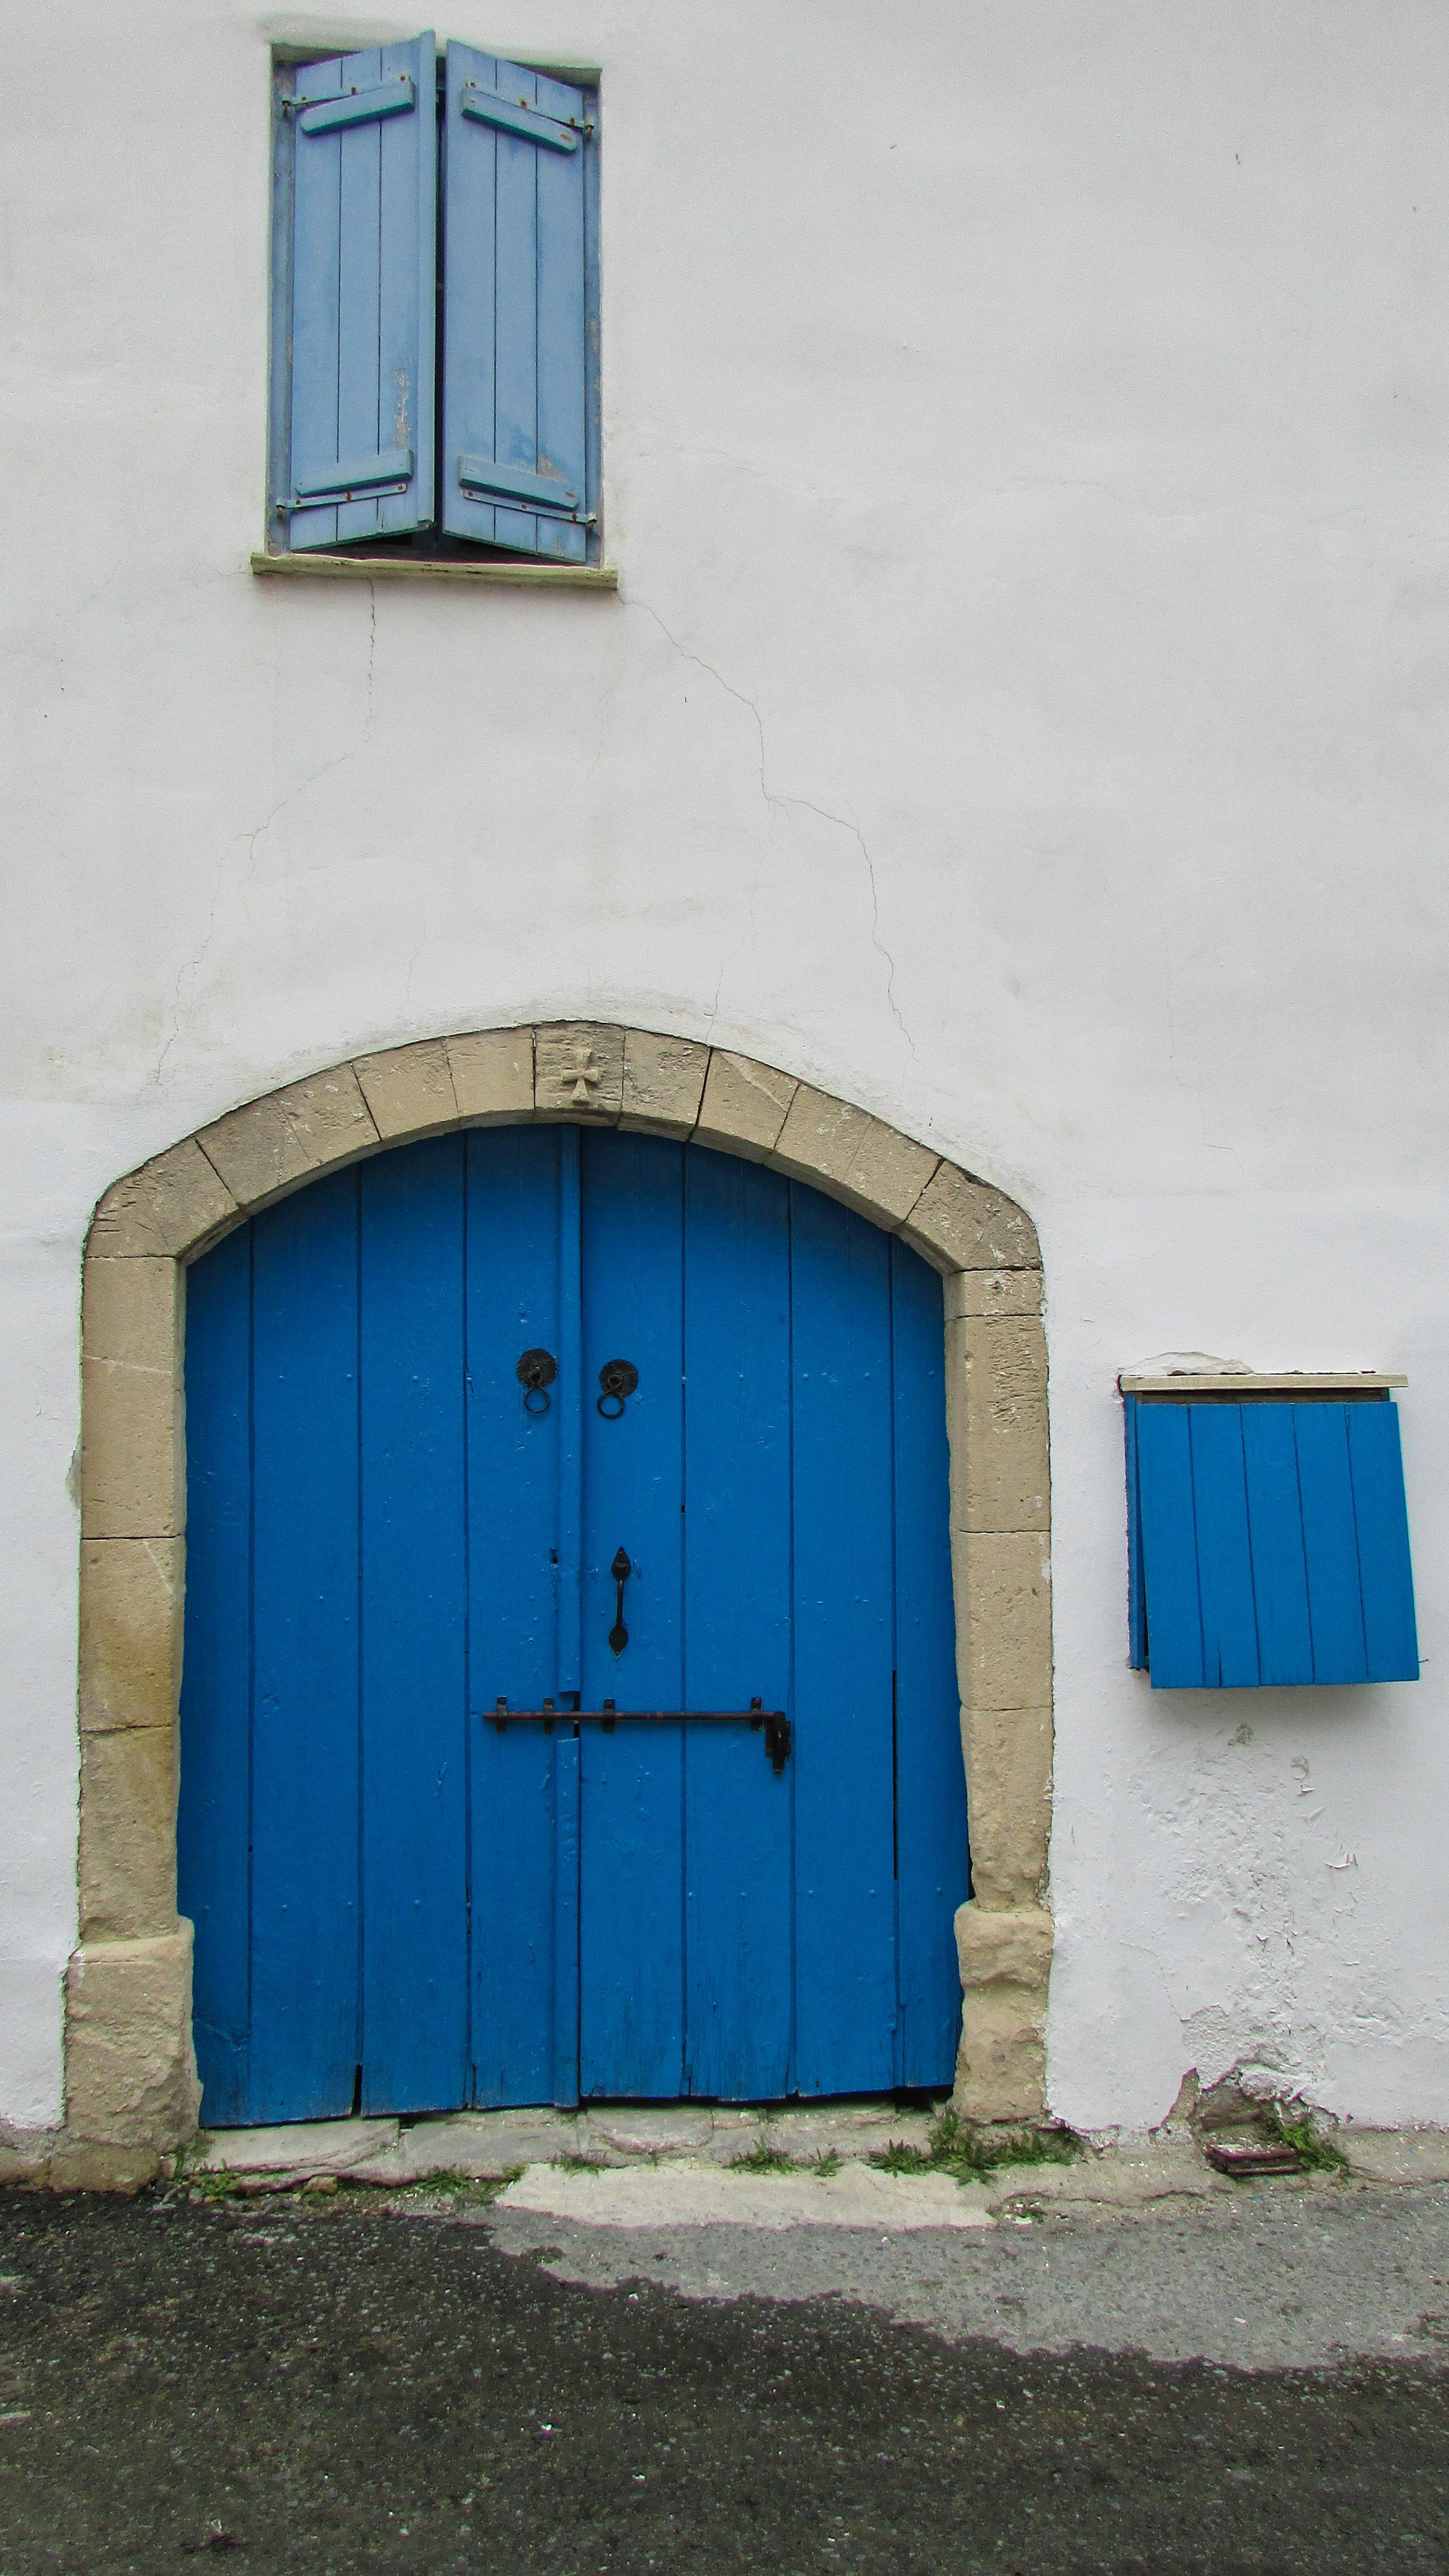 Couleur exterieur maison une maison la couleur extrieure for Couleur mur maison exterieur